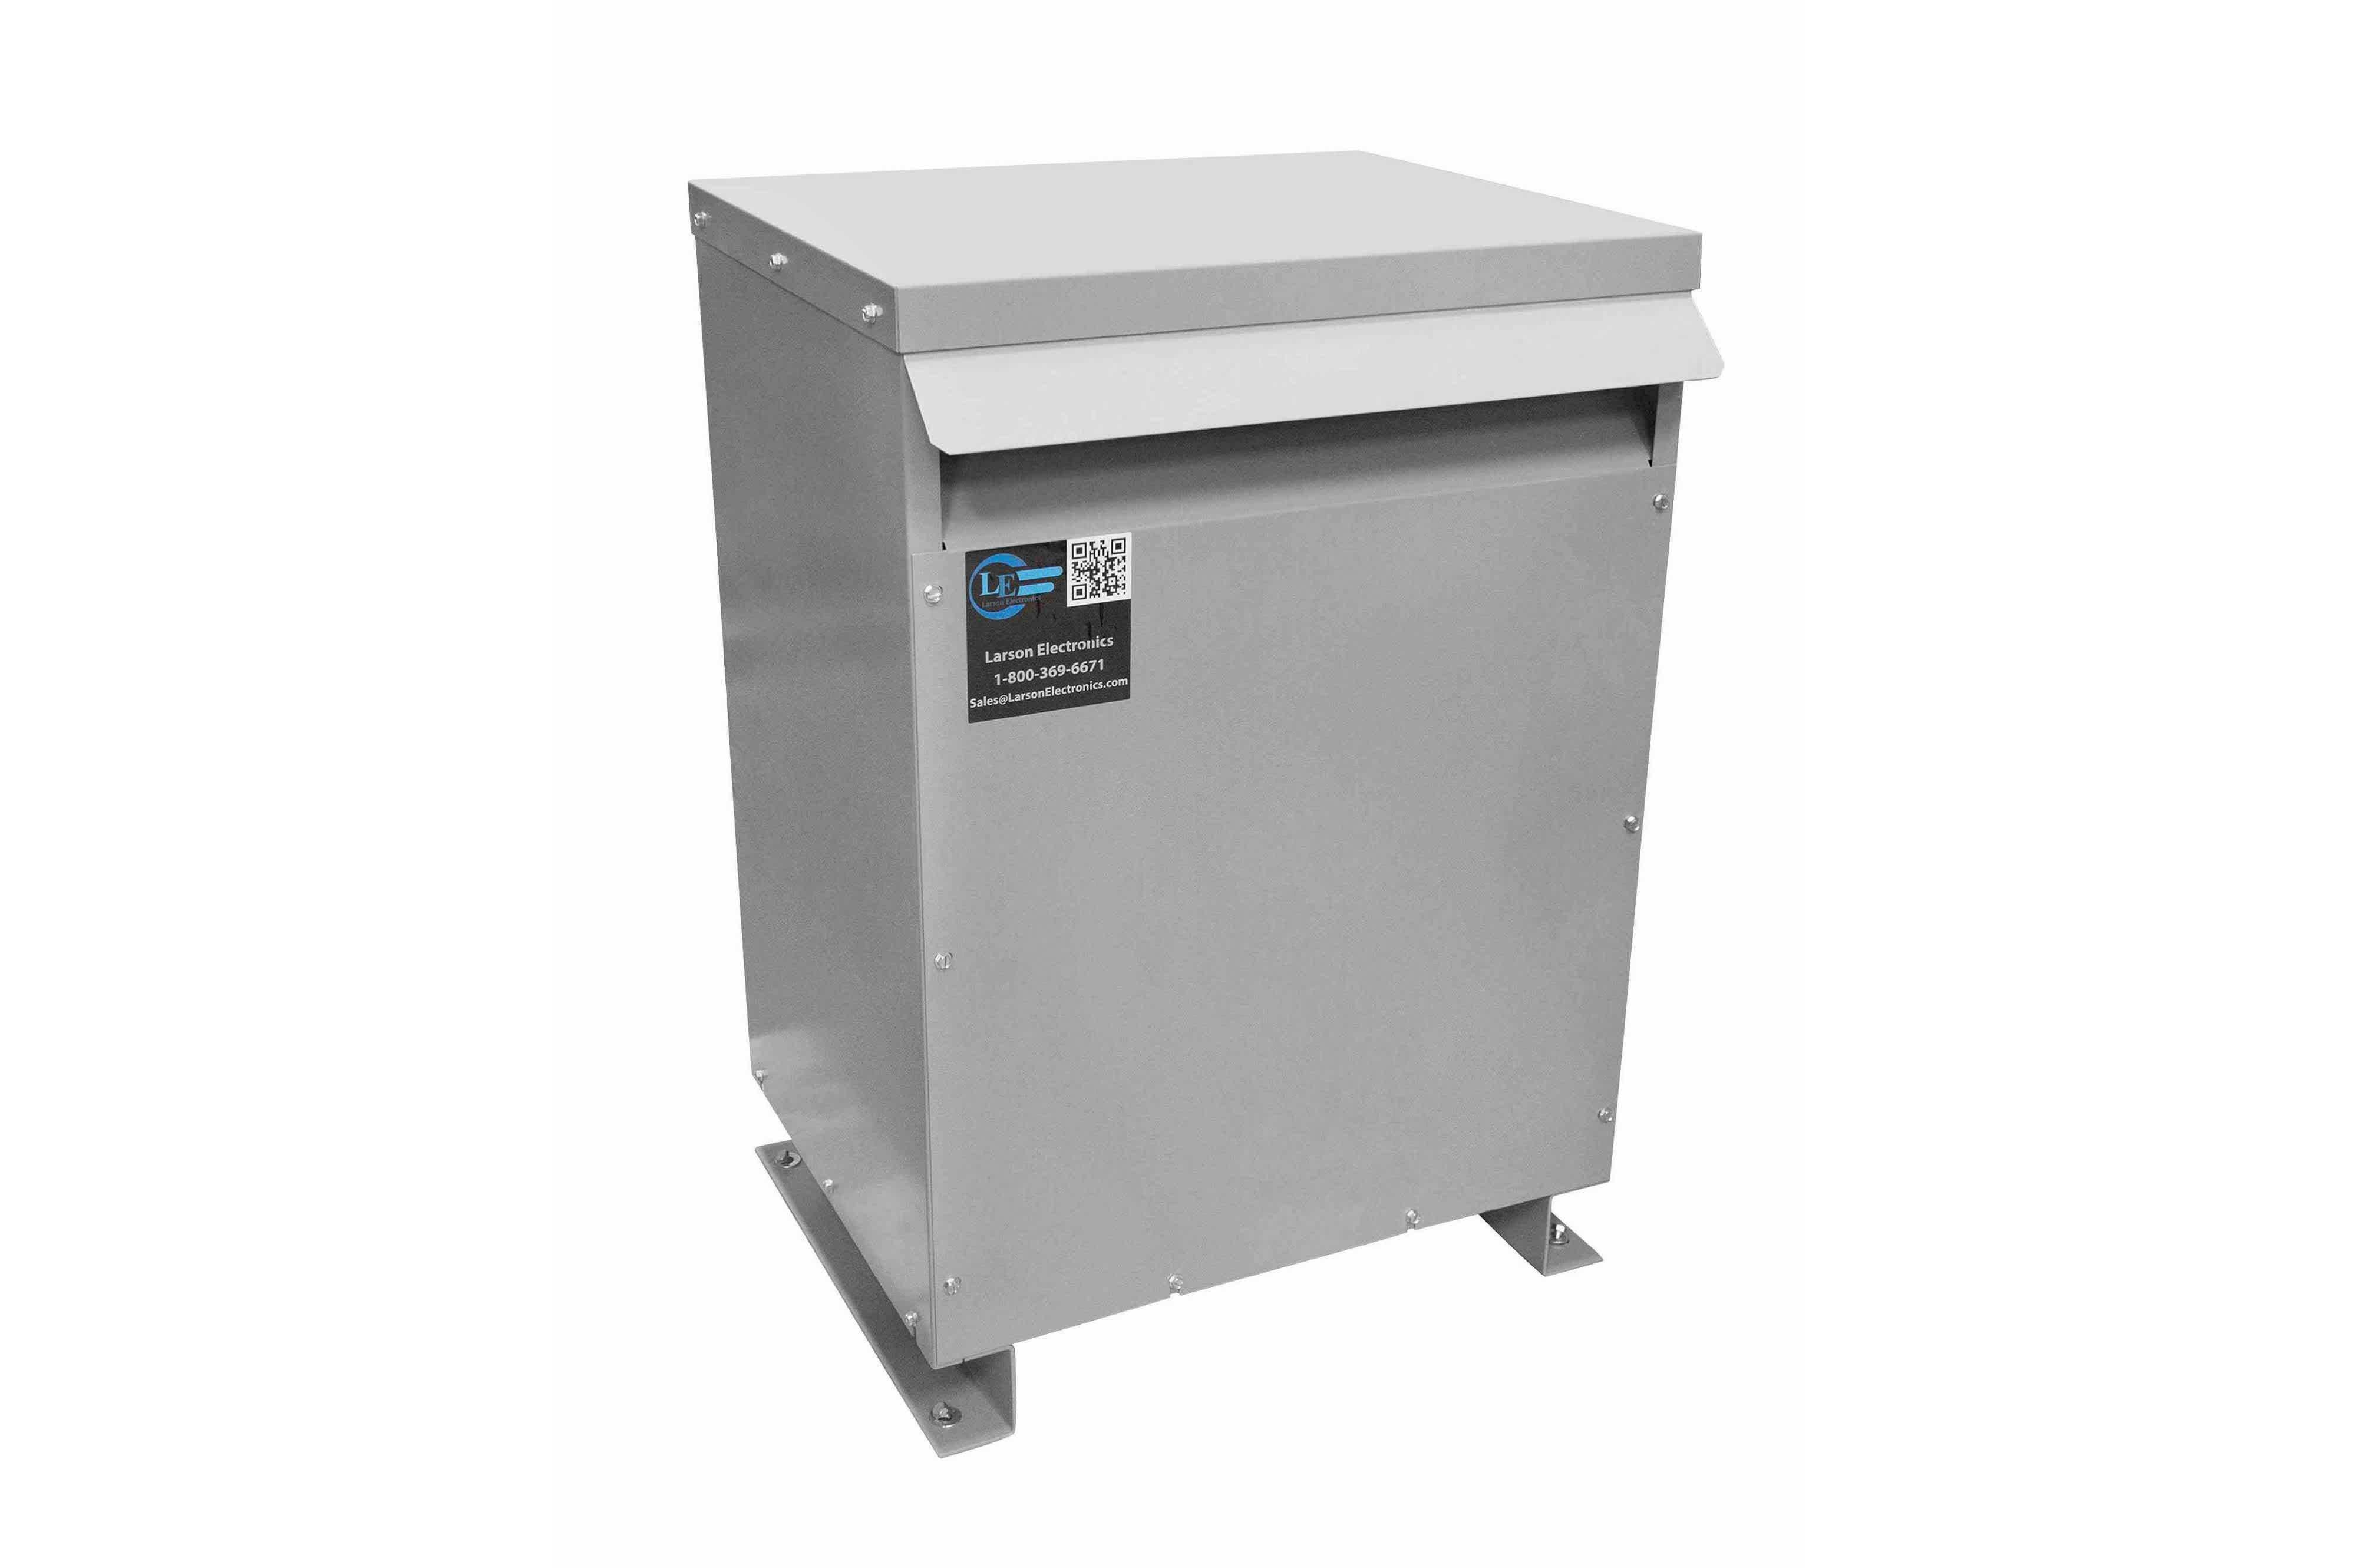 10 kVA 3PH Isolation Transformer, 600V Delta Primary, 400V Delta Secondary, N3R, Ventilated, 60 Hz